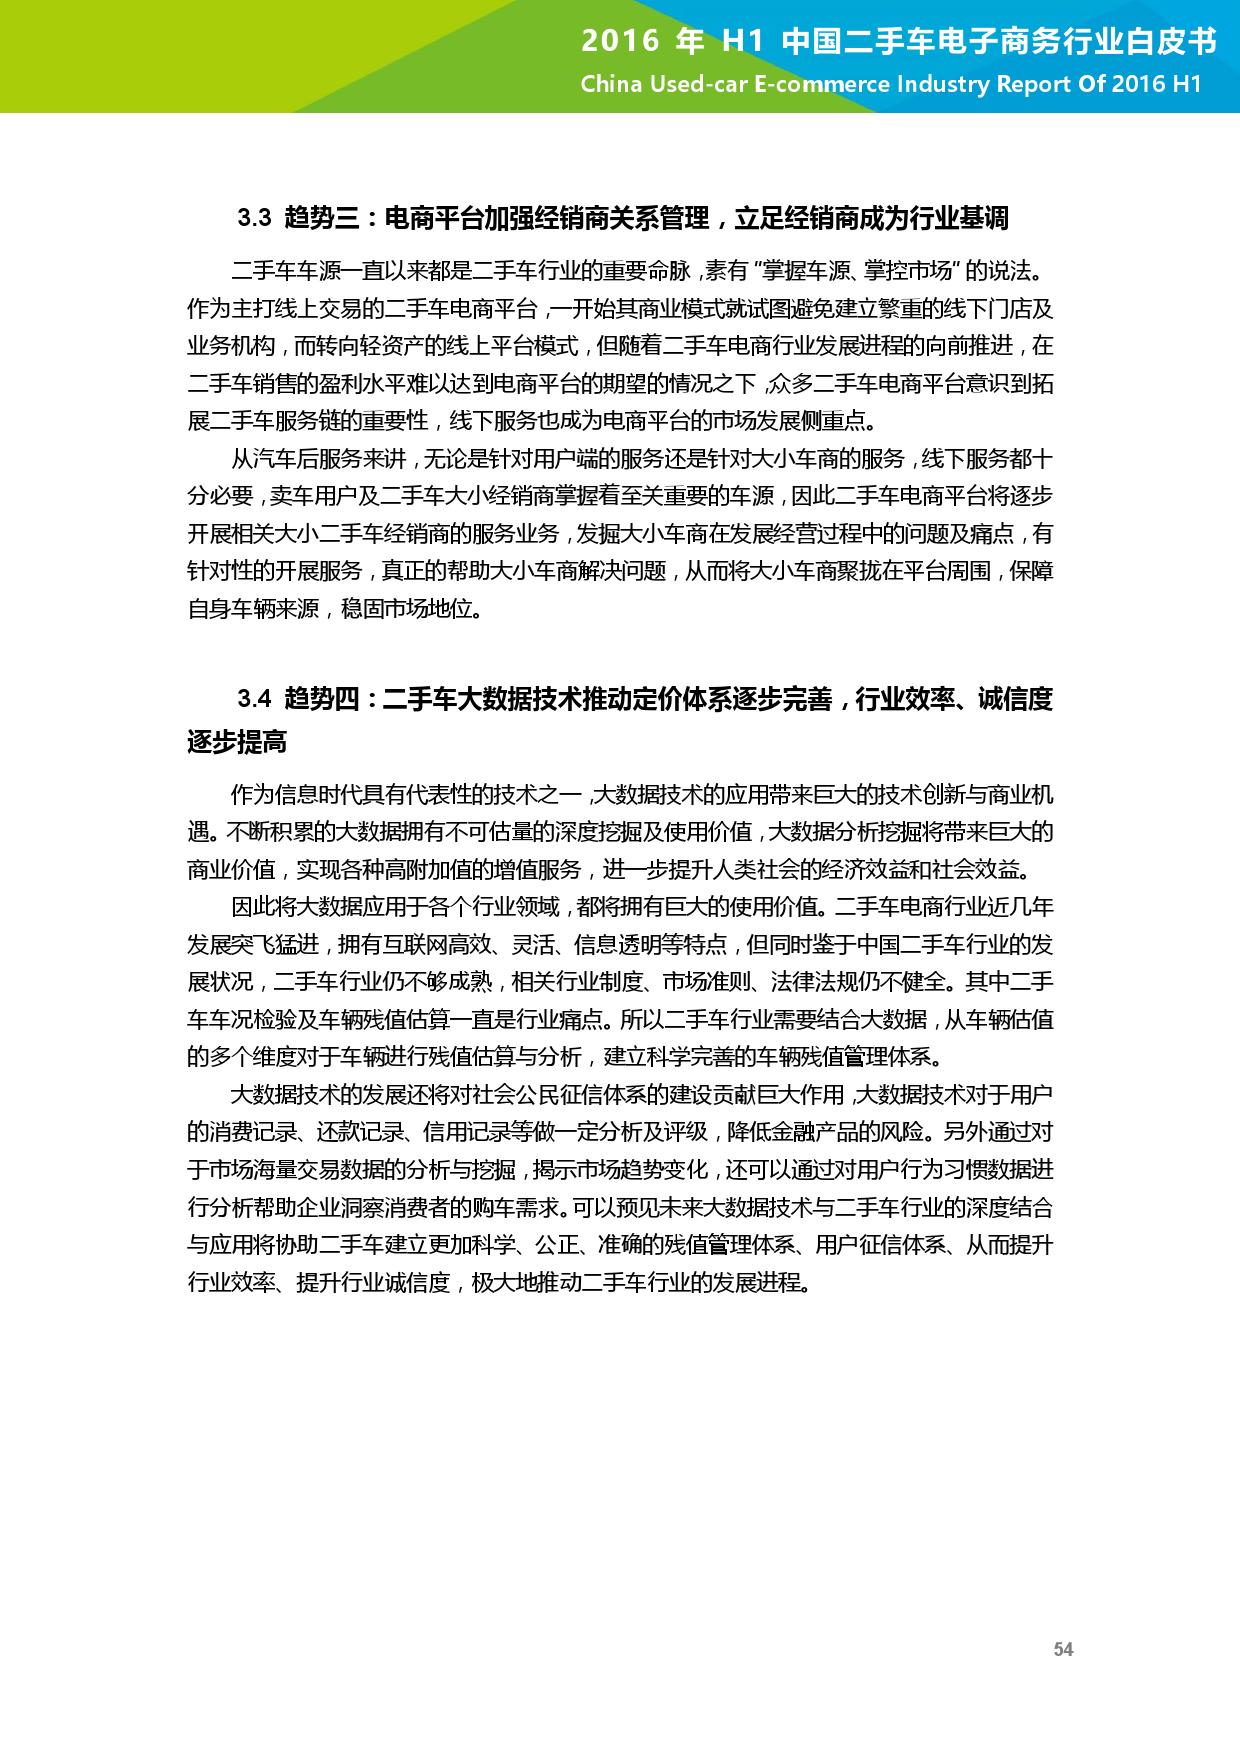 2016年H1中国二手车电子商务行业白皮书_000055